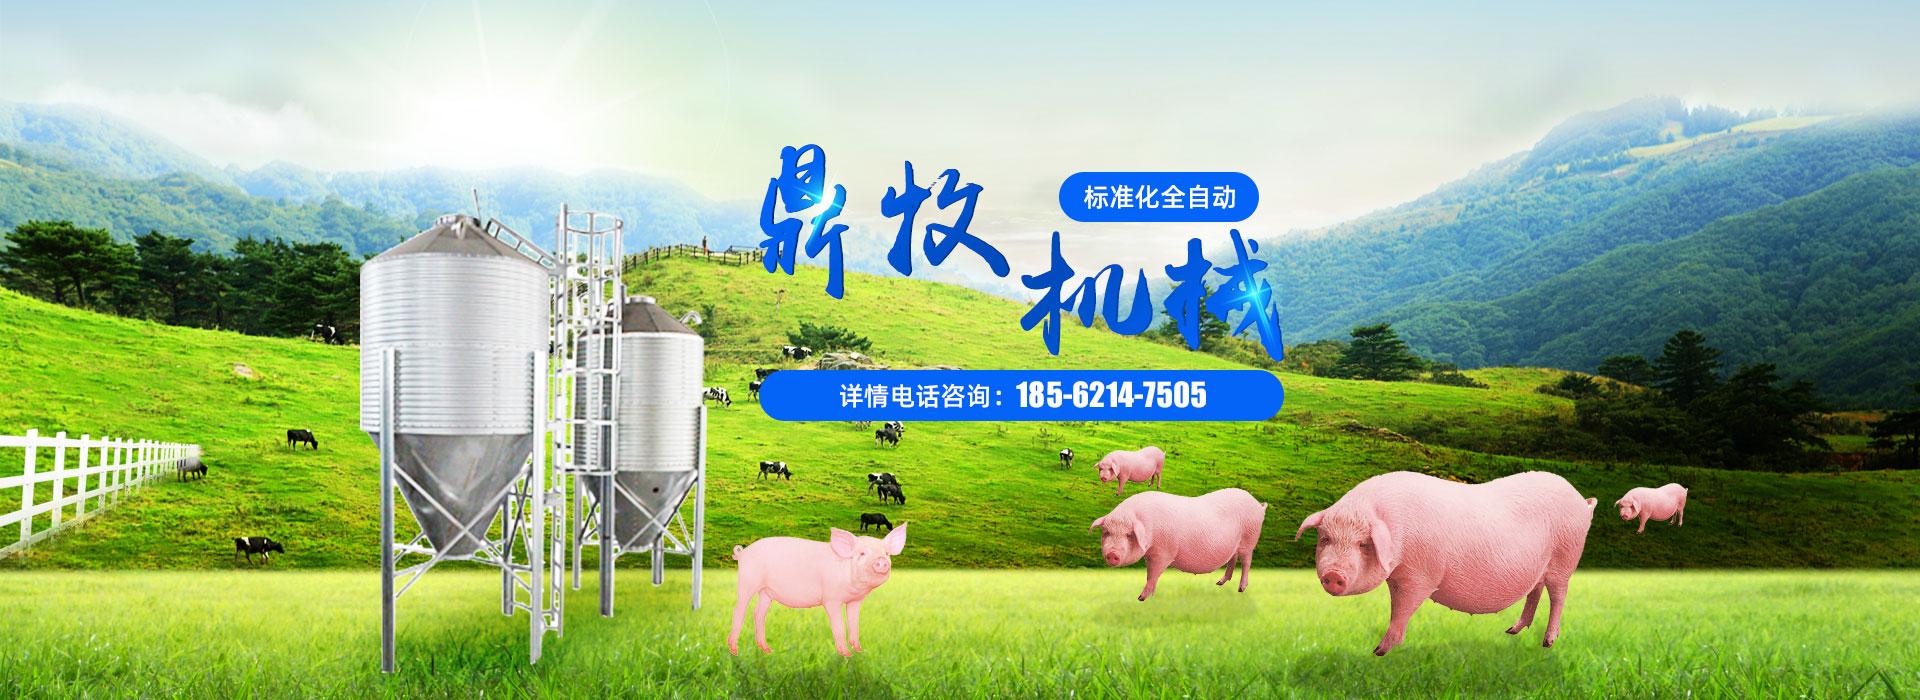 猪场养猪设备